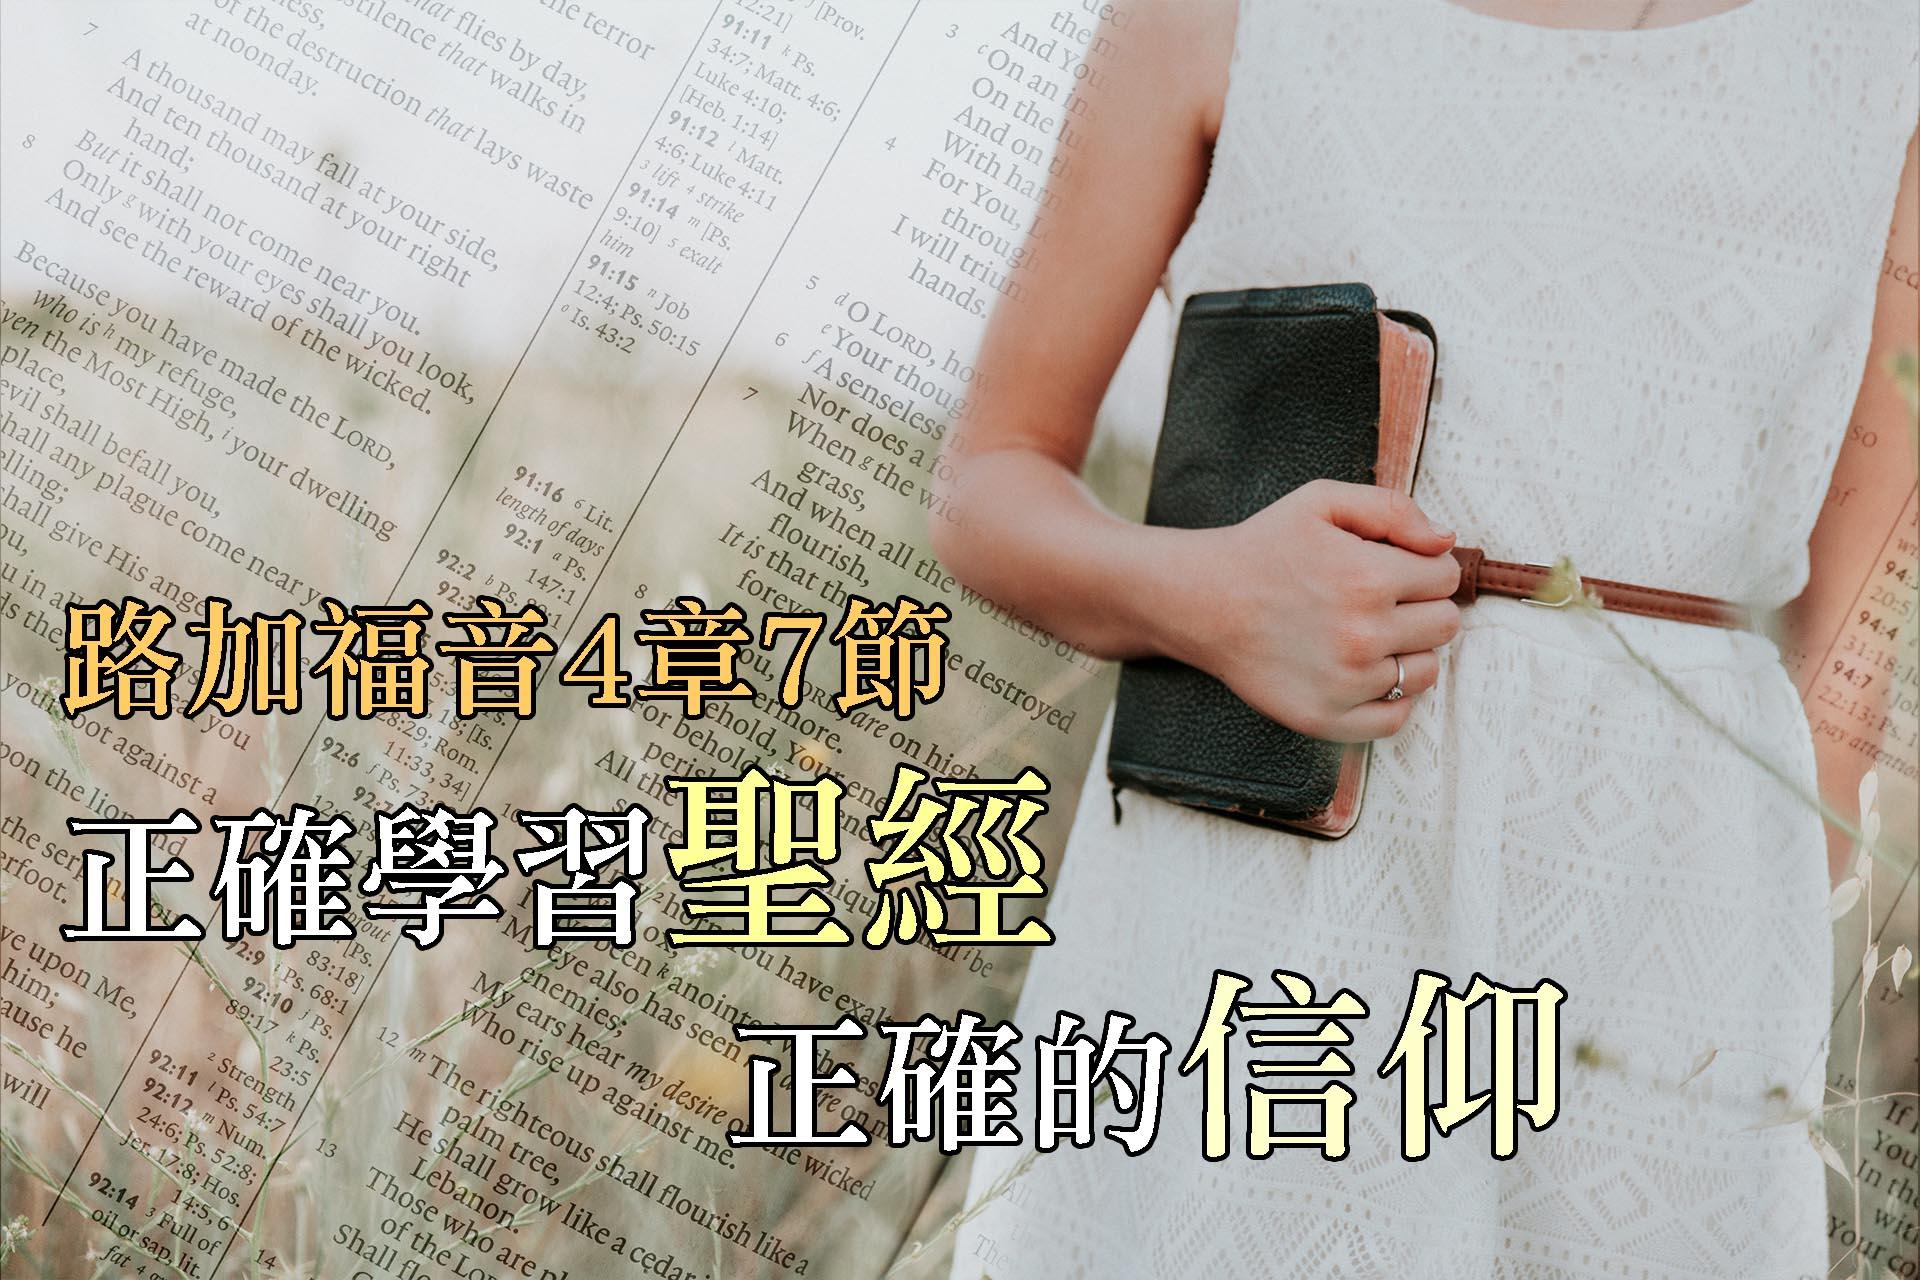 [聖經]路加福音4章7節:讀經是基本信仰